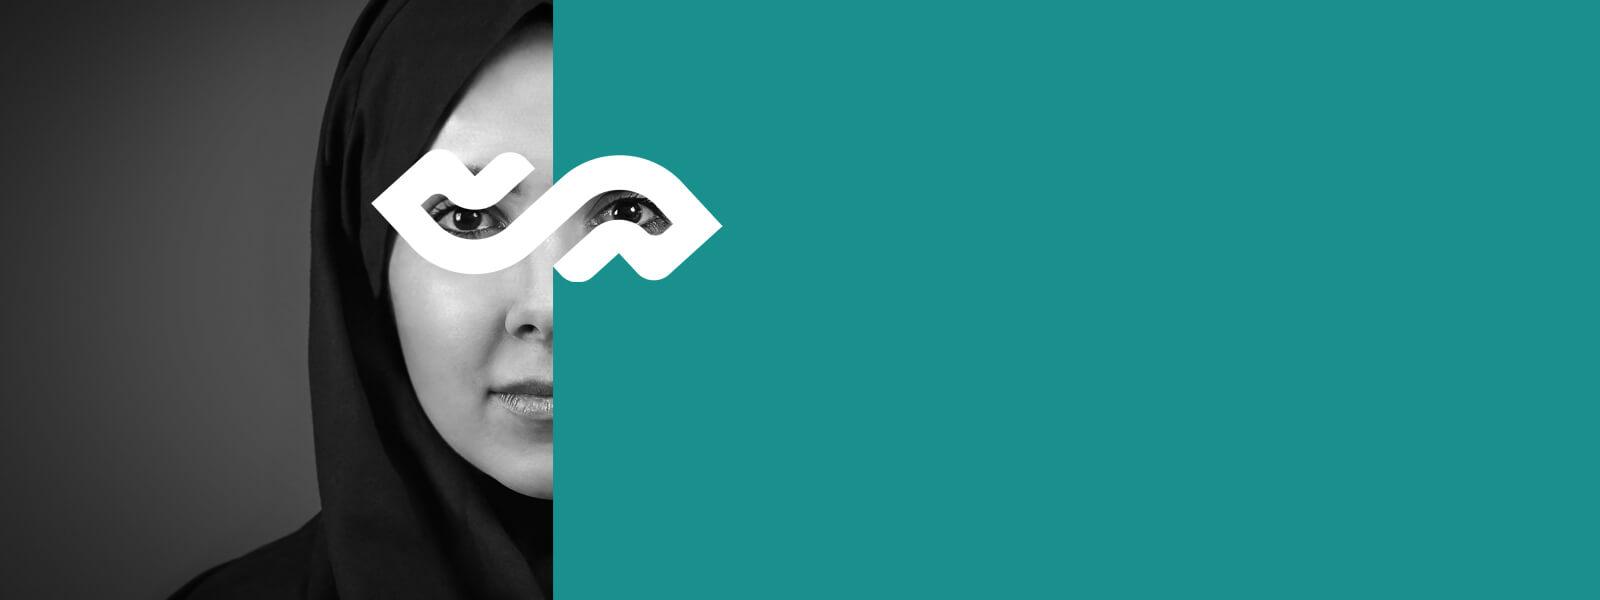 لایه اول اسلاید سی و پنجمین جشنواره بین المللی تئاتر فجر، هویت بصری سی و پنجمین جشنواره بین المللی تئاتر فجر، طراحی لوگو، طراحی لوگوتایپ، شرکت تبلیغاتی الف، طراحی هویت بصری